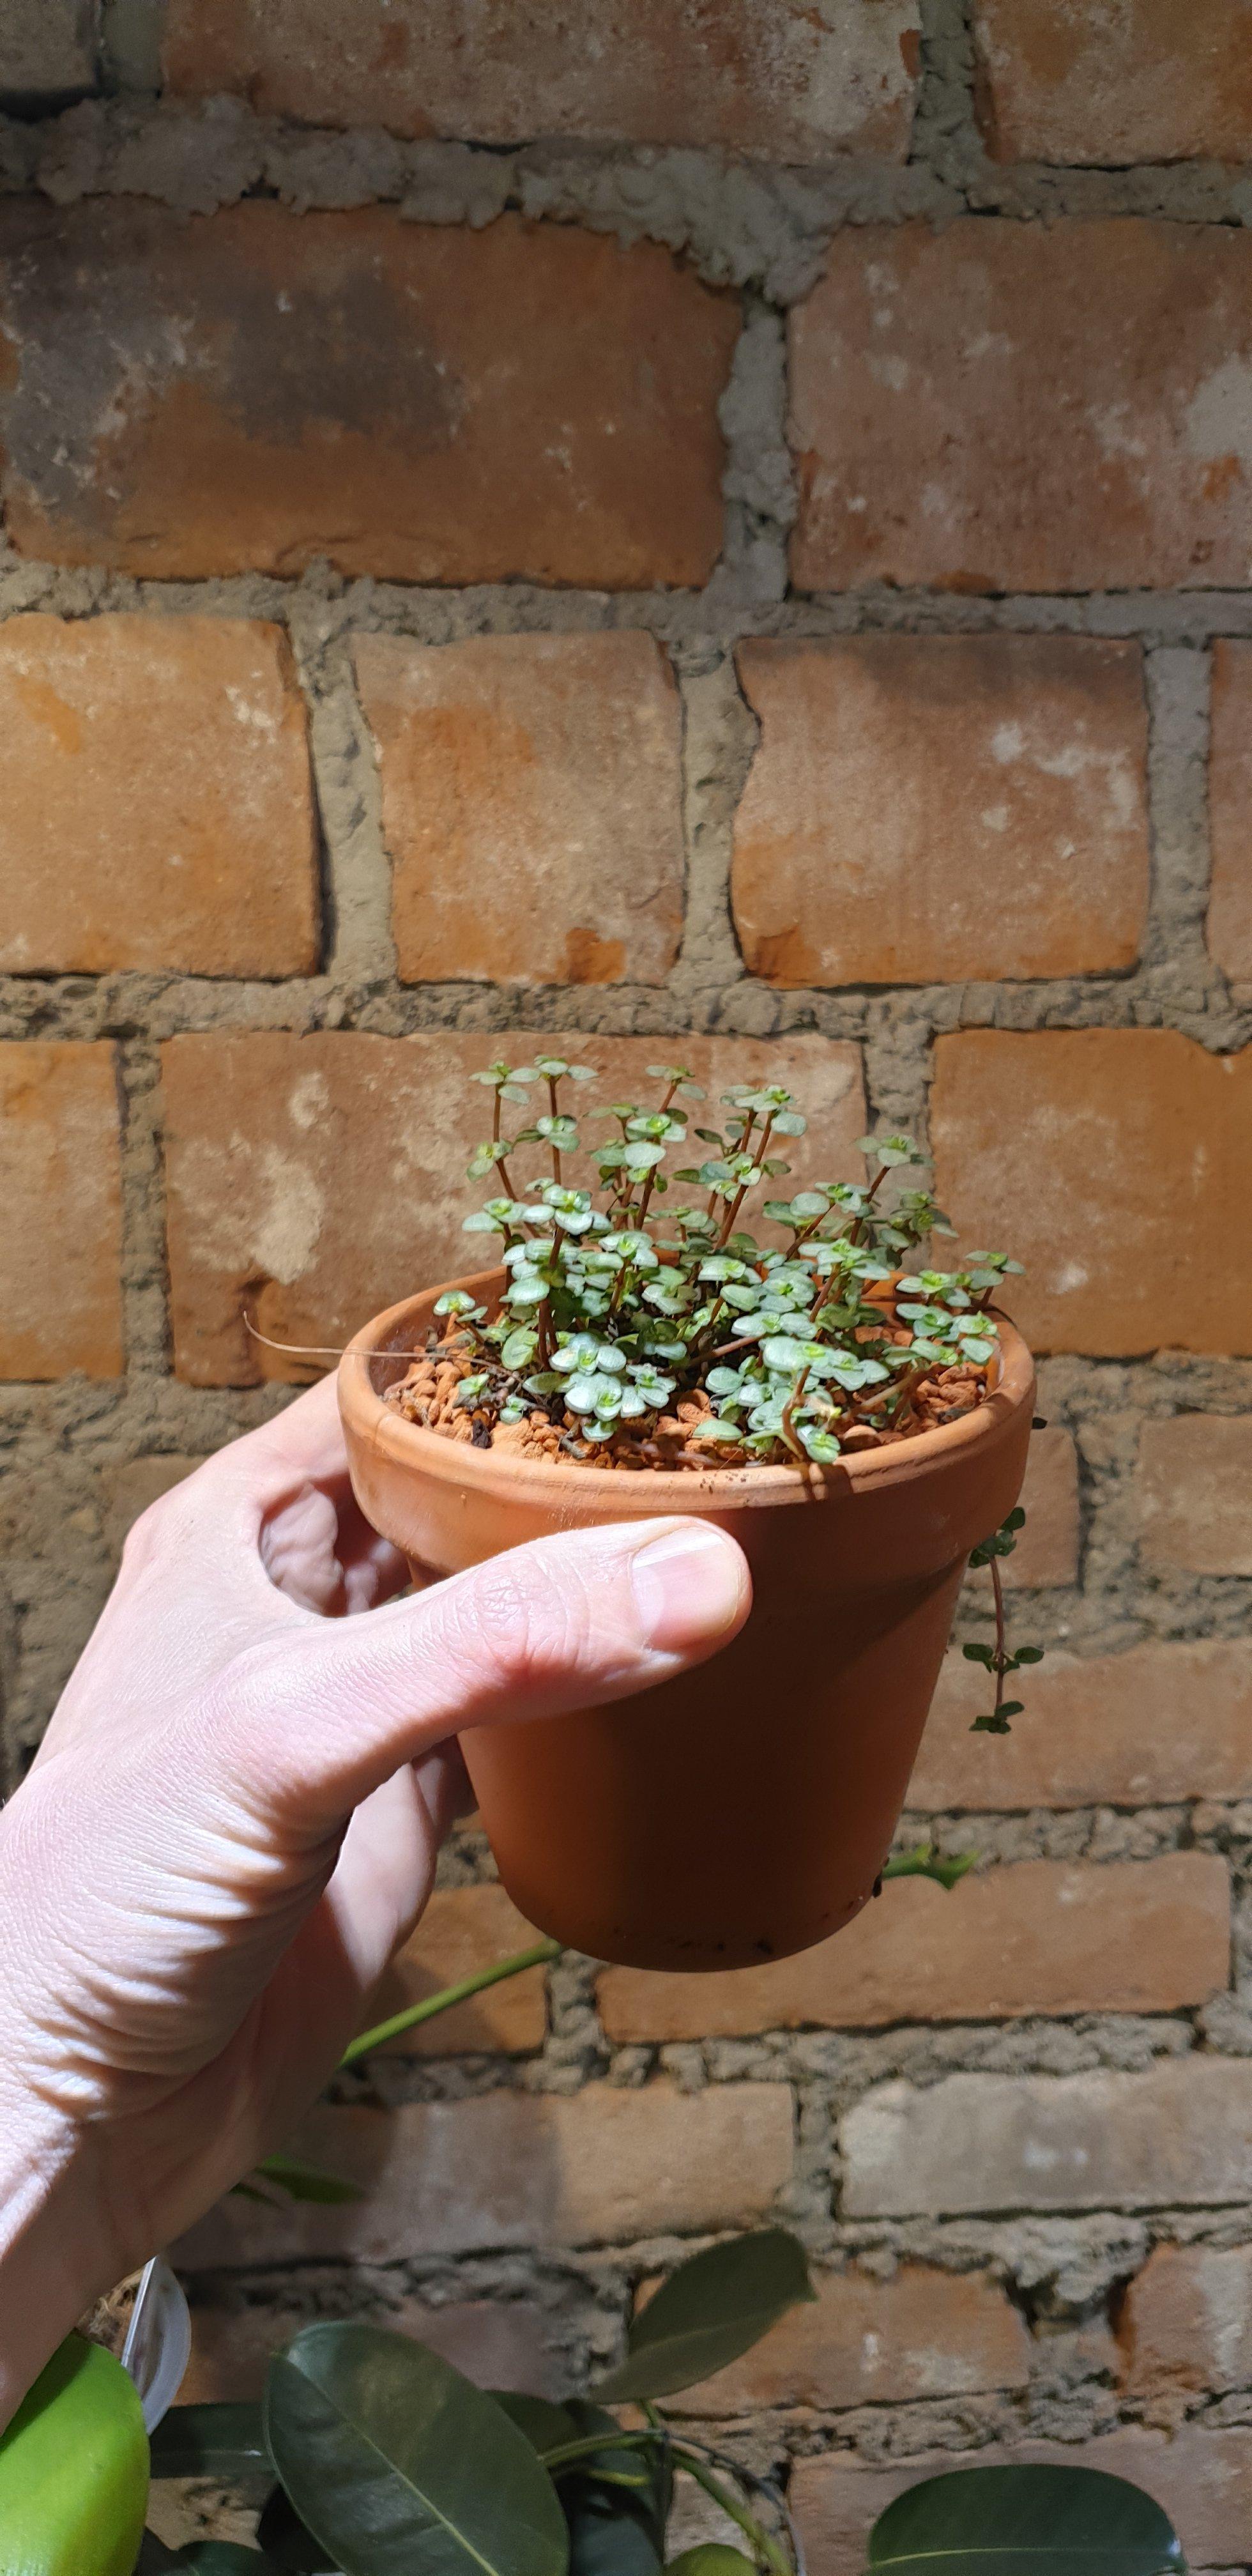 Zaterdag Kamer-plant-dag